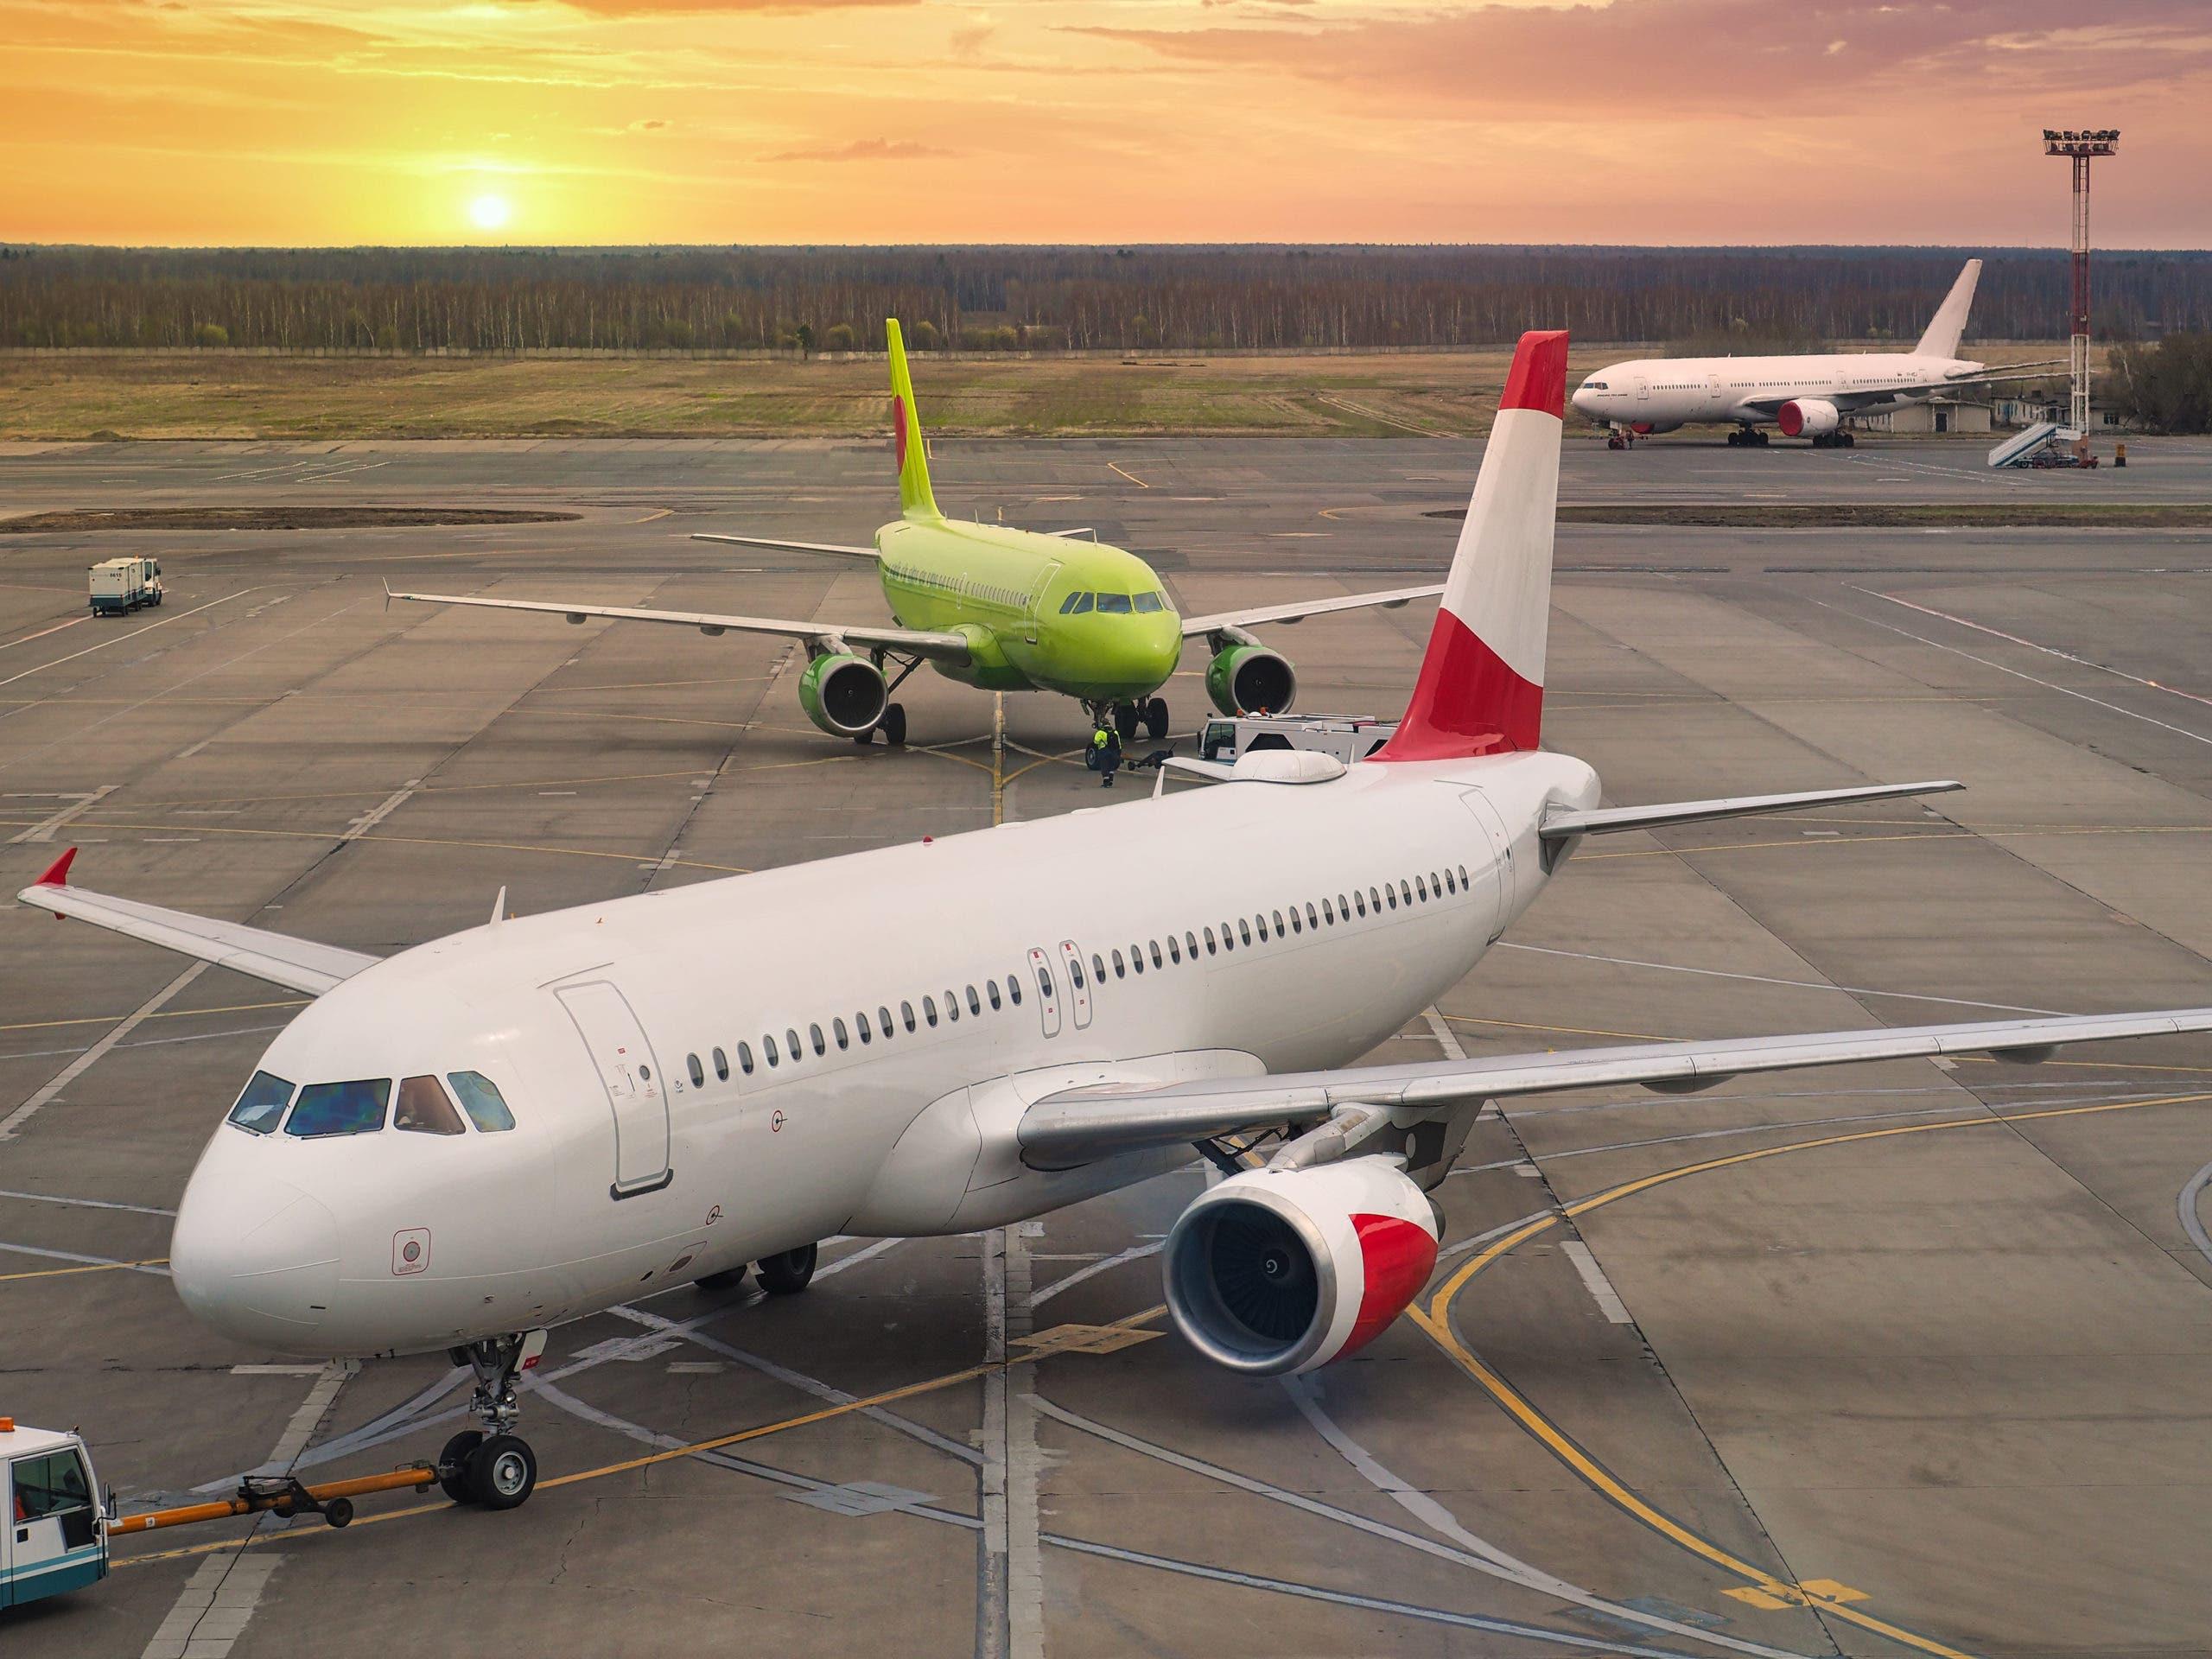 Ante críticas al de Bávaro, identifican 21 aeropuertos que están a unos 19 kilómetros uno de otro